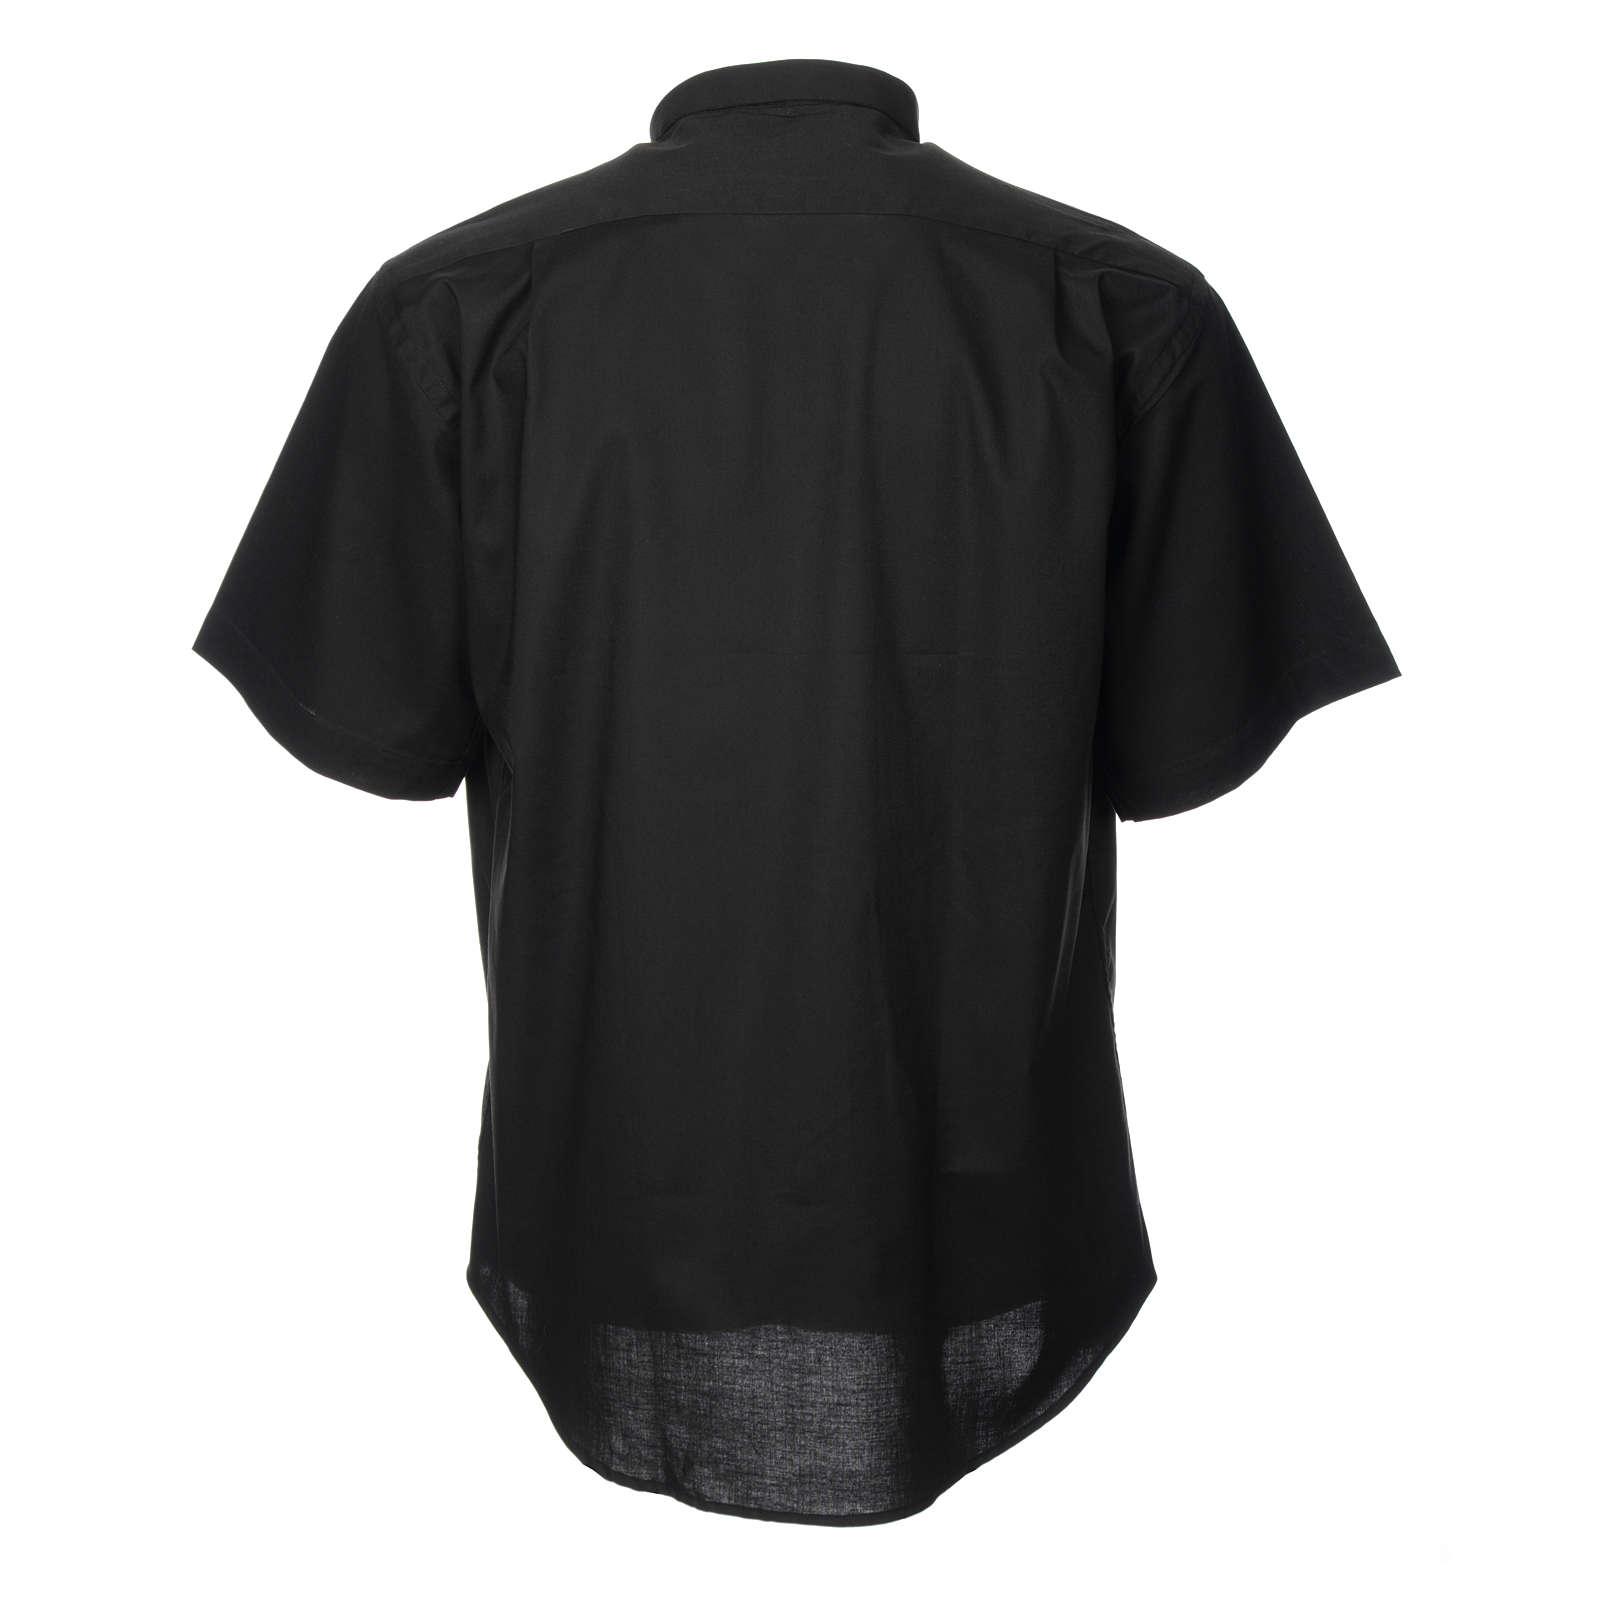 STOCK Koszula kapłańska krótki rękaw mieszana bawełna 4